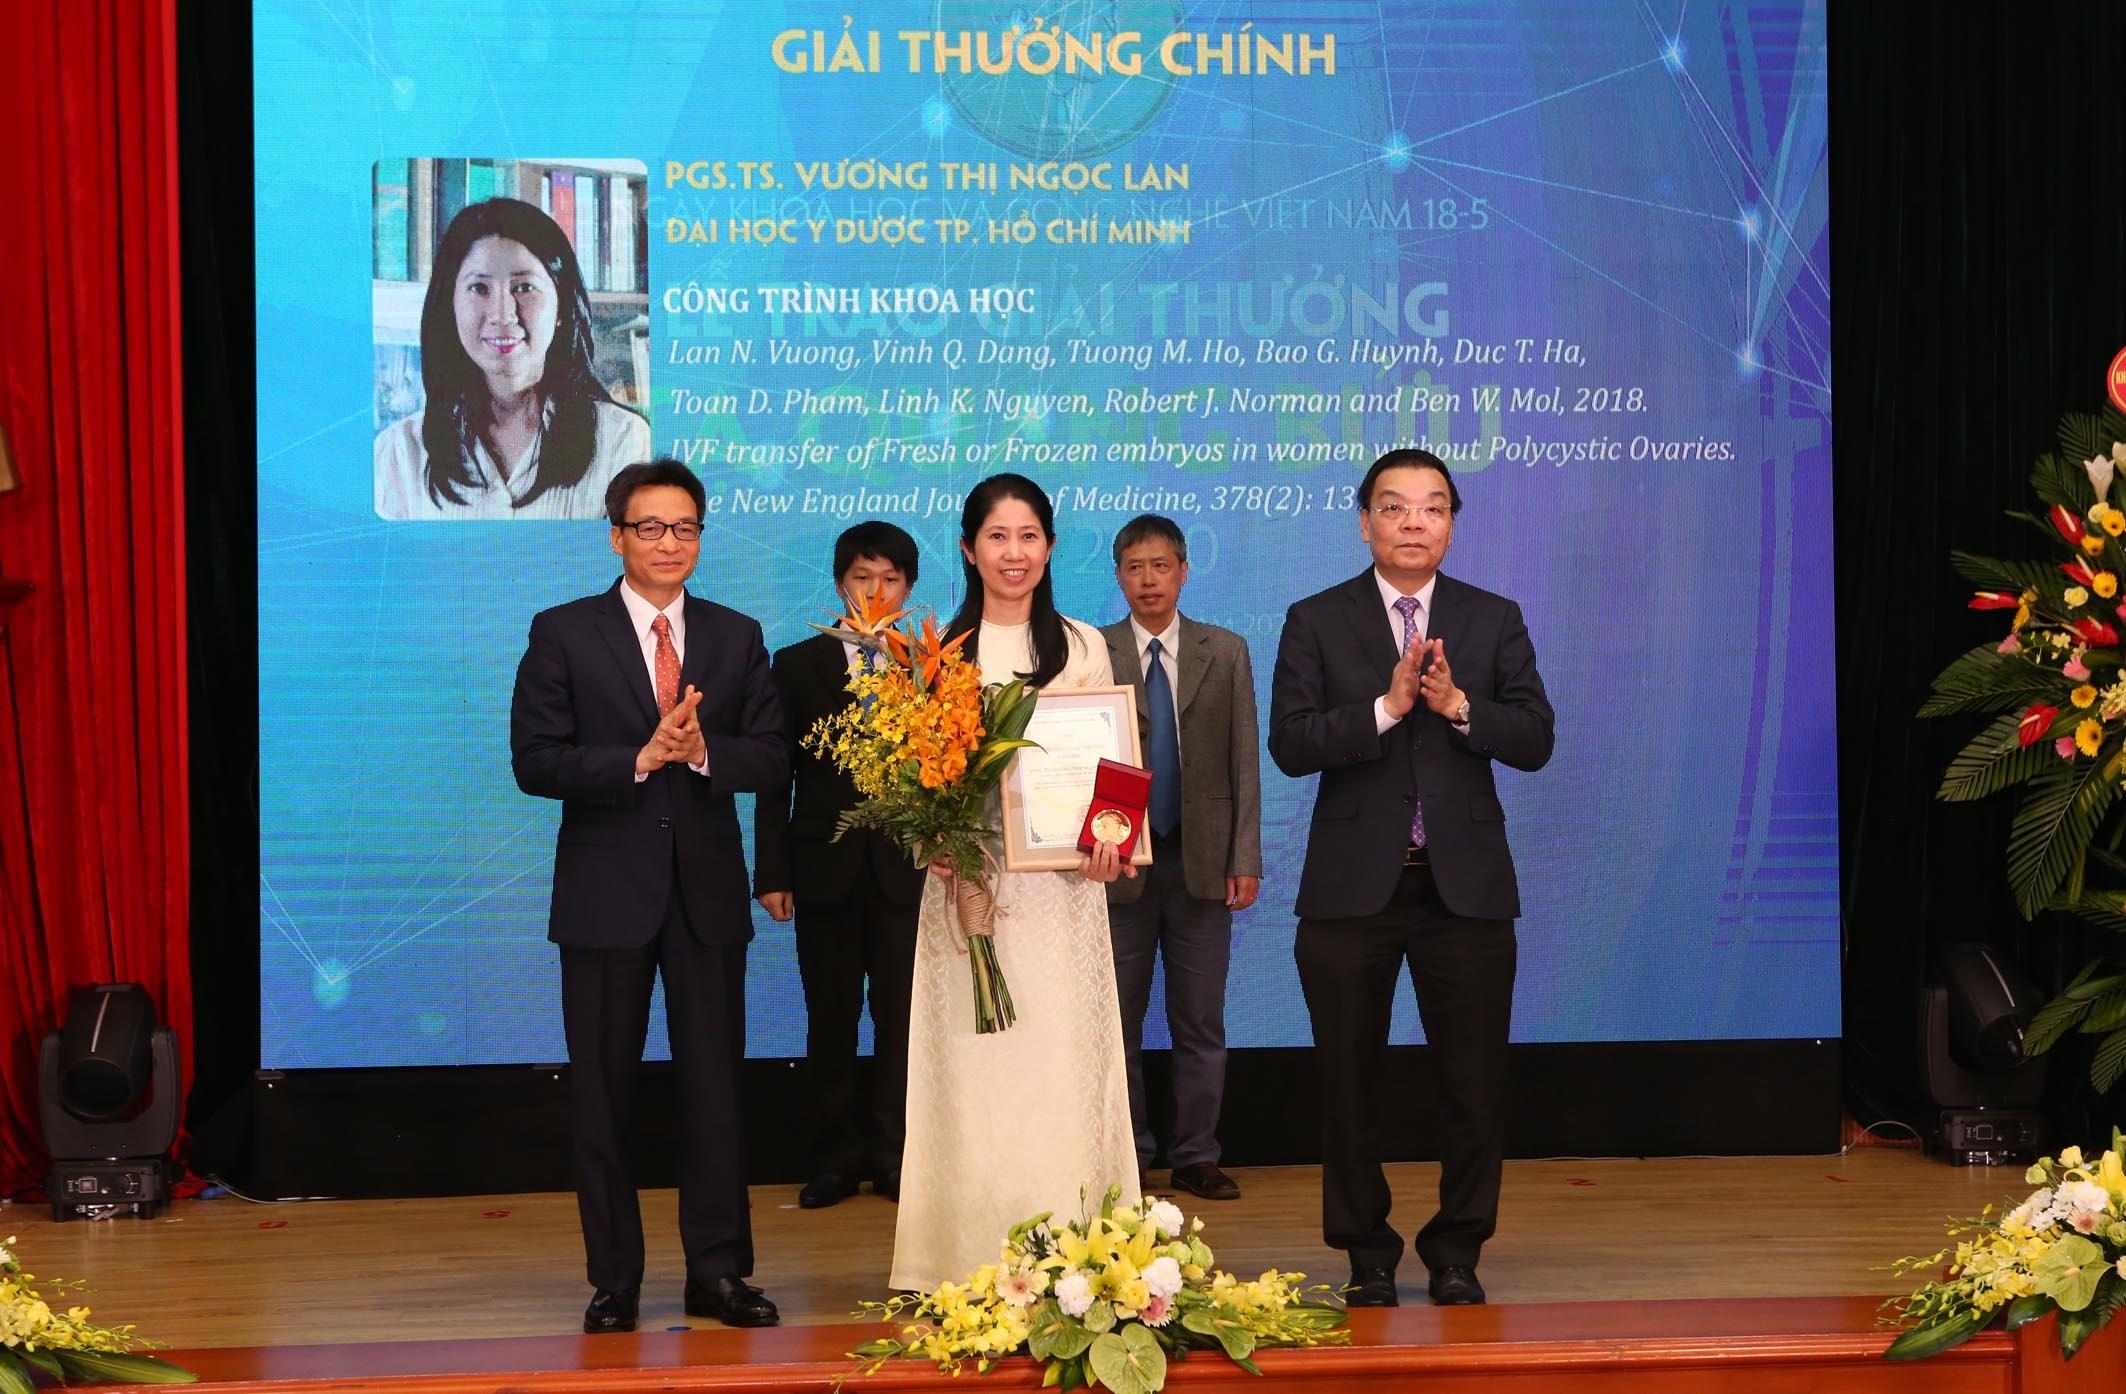 Phó Thủ tướng Vũ Đức Đam và Bộ trưởng Chu Ngọc Anh trao giải thưởng Tạ Quang Bửu cho các nhà khoa học. Ảnh: Trung tâm truyền thông/ Bộ KH&CN